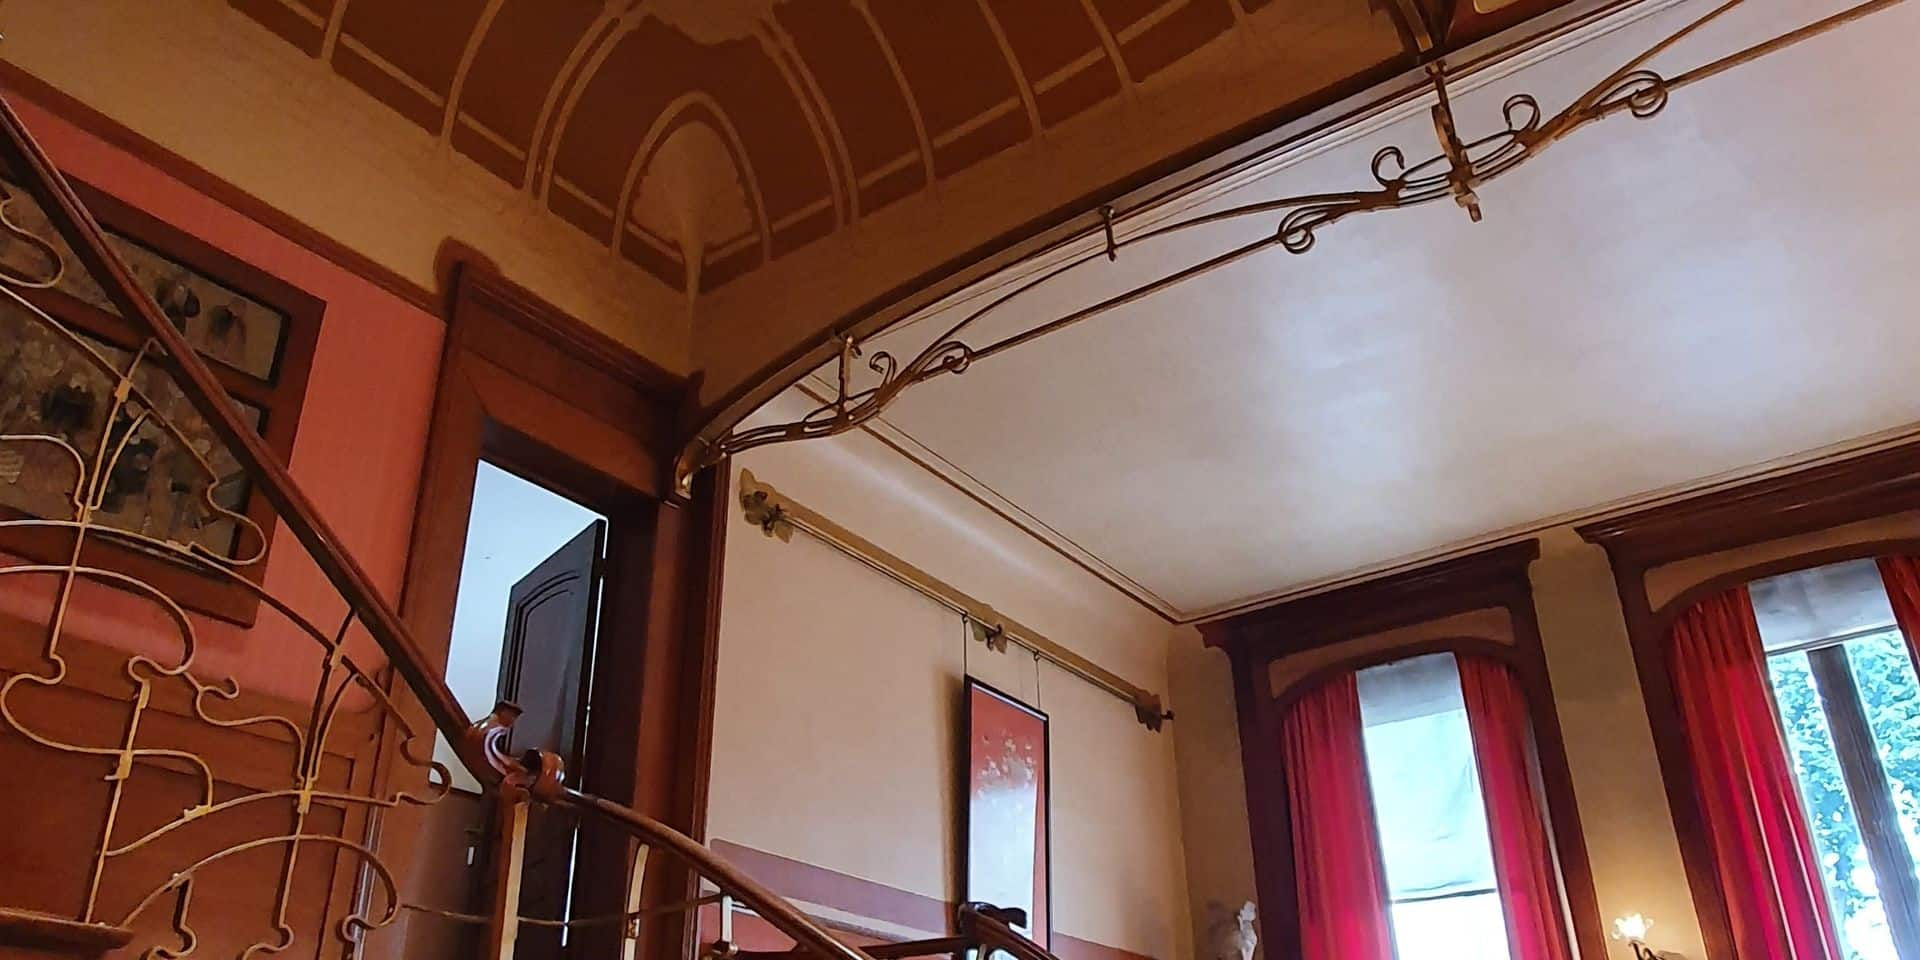 Idée d'escapade belge : le Musée Horta, joyau de l'Art nouveau à Bruxelles